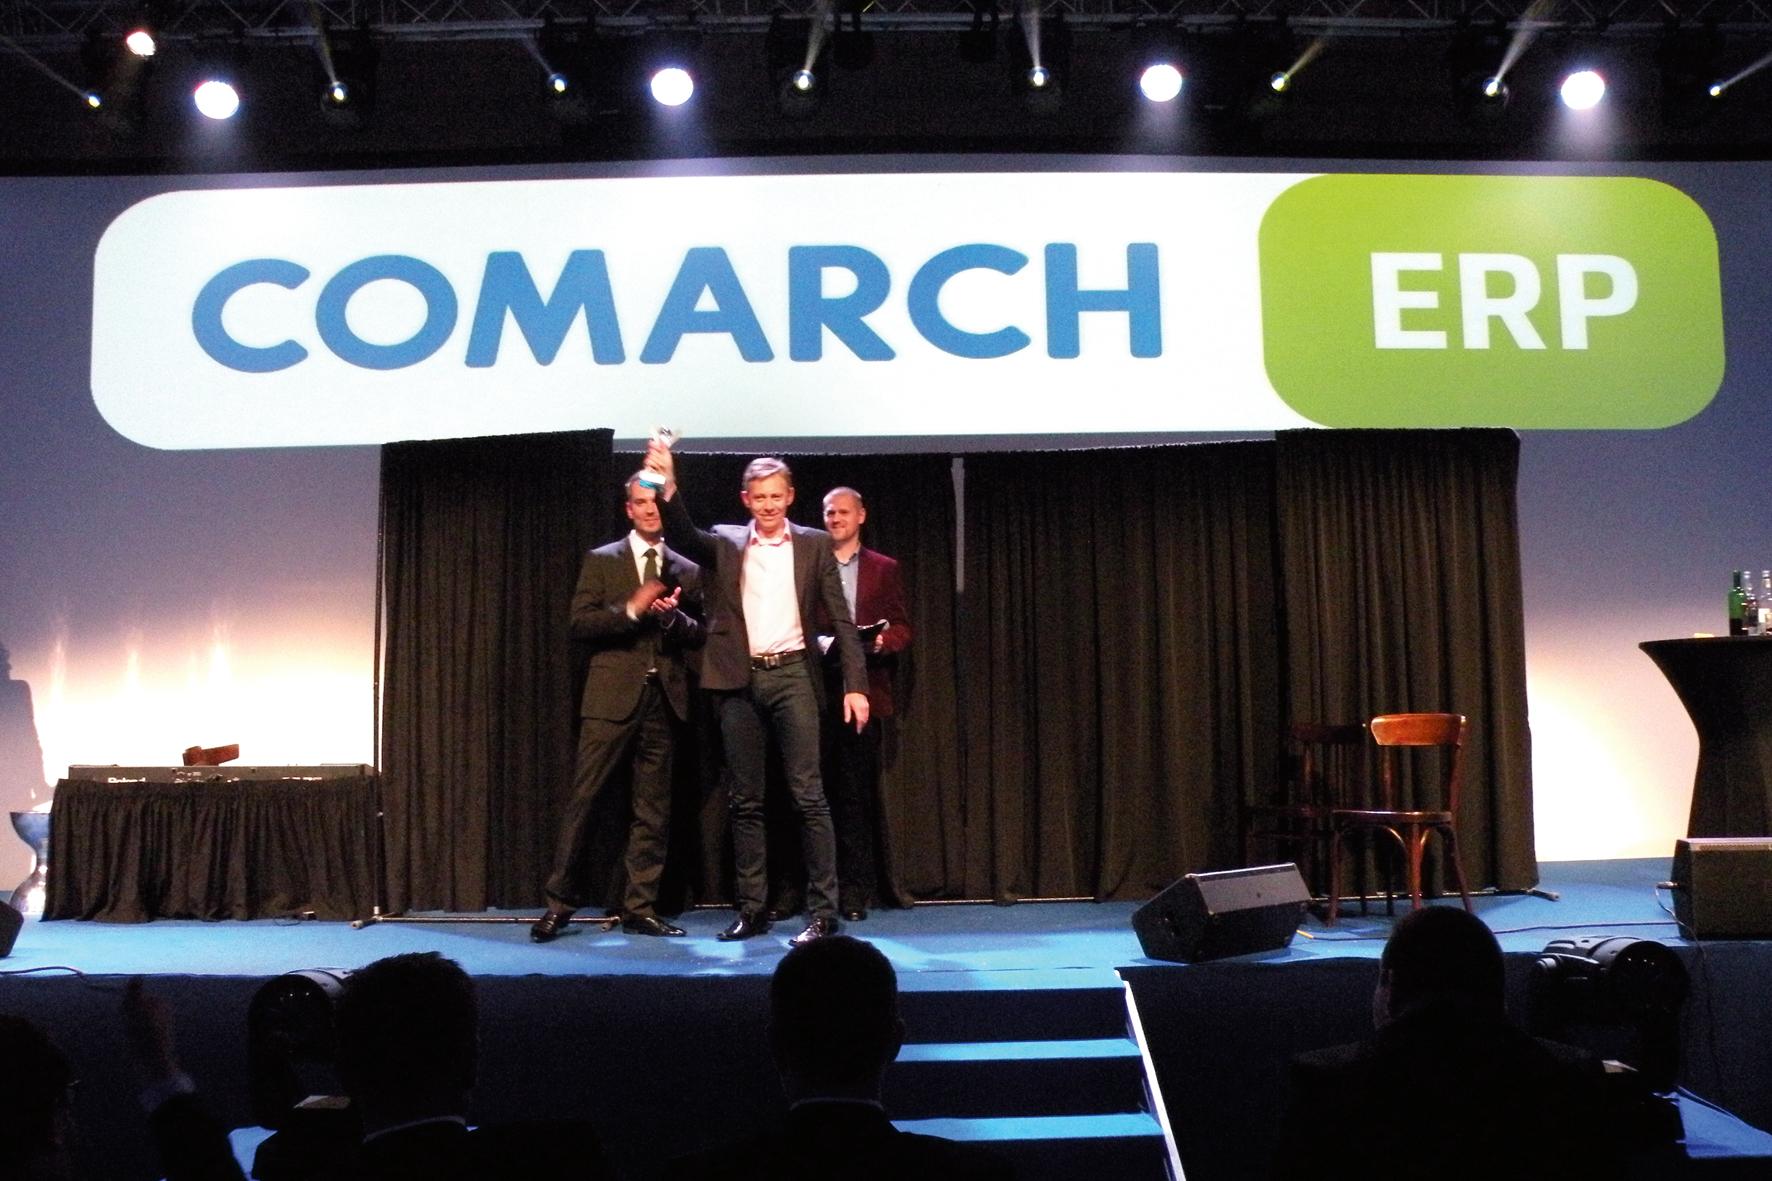 Comarch: nowe podejście do biznesu i partnerów